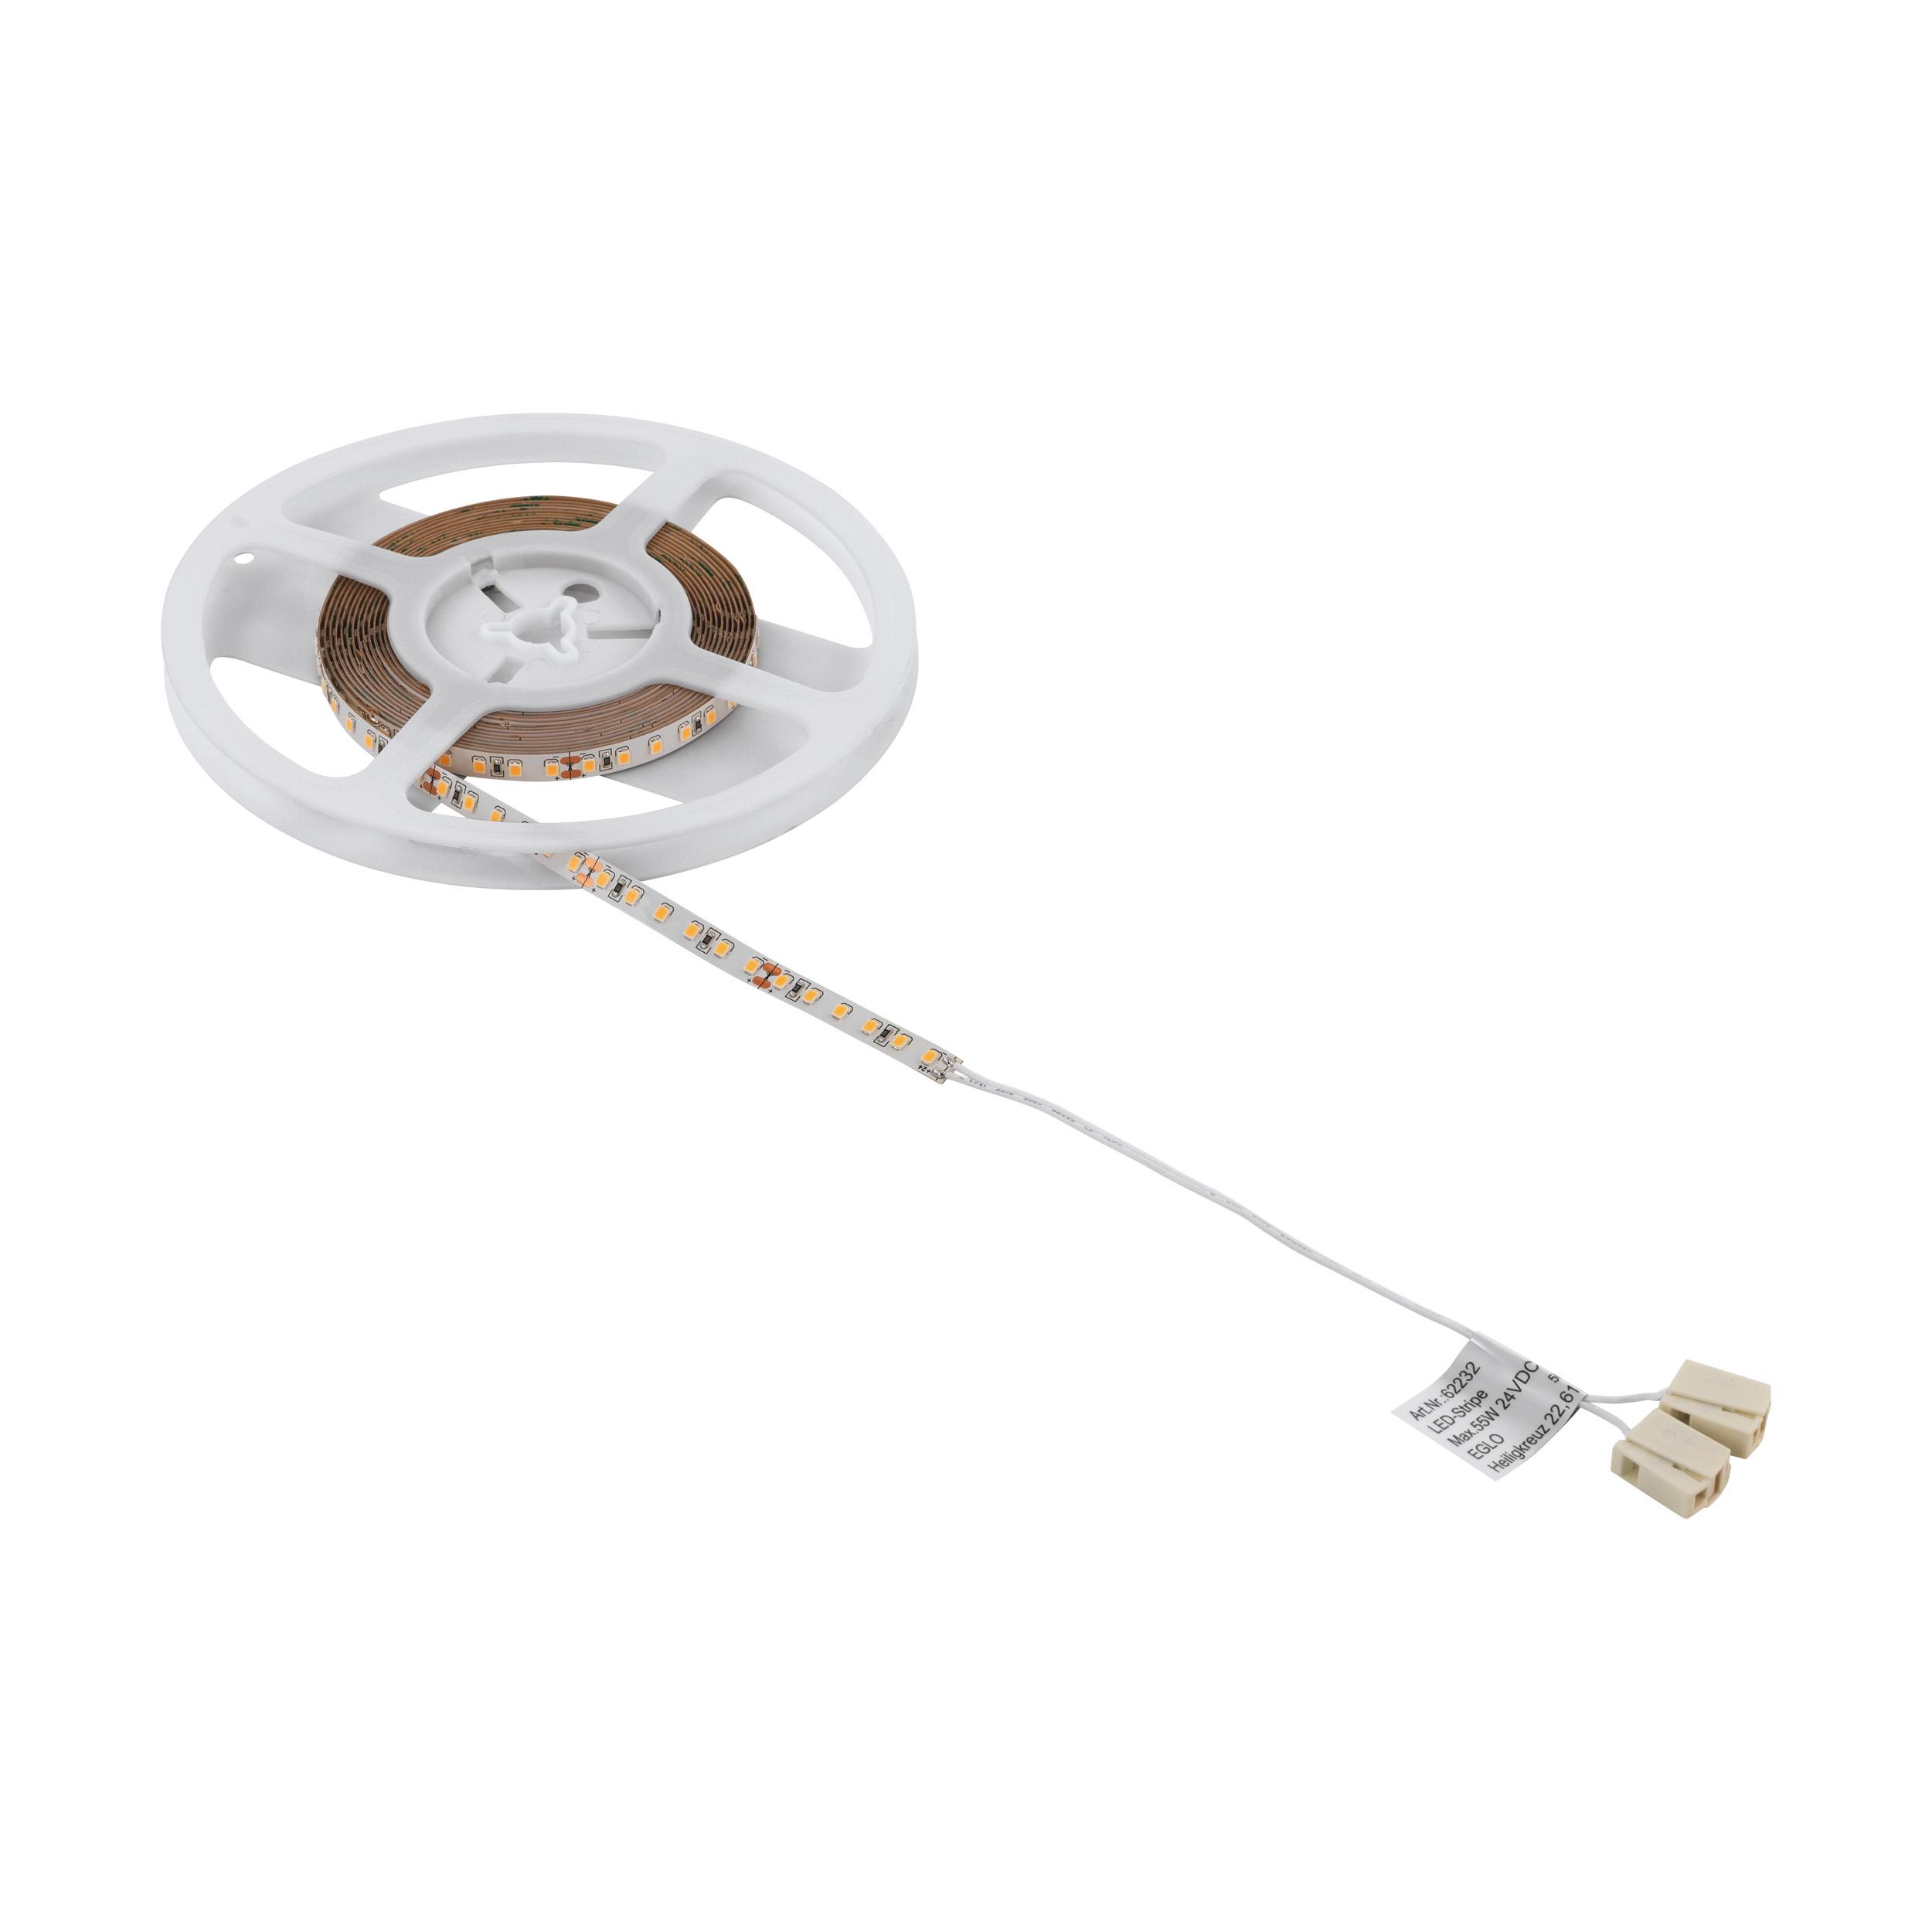 1 Stk LED-STRIPE 20m Rolle, Angabe per Meter 11W/mW 4000K IP20 LI63296---